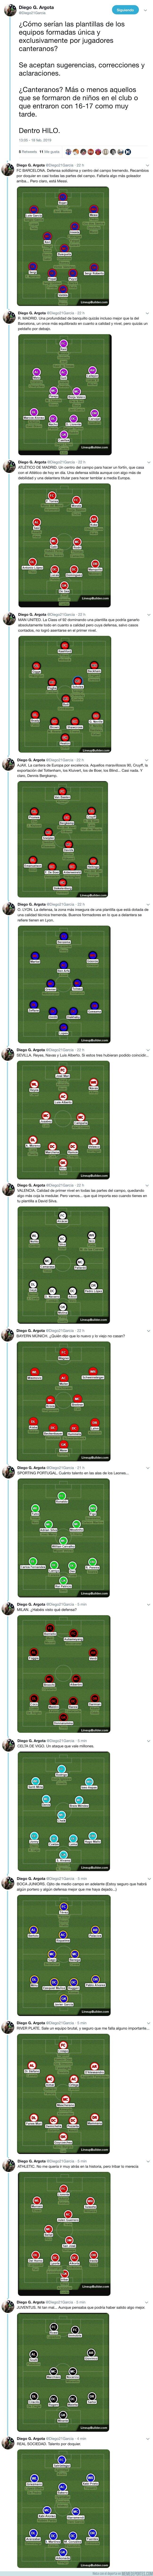 1064970 - ¿Cómo serían las plantillas de los equipos formadas única y exclusivamente por jugadores canteranos? Gran hilo de @Diego21Garcia